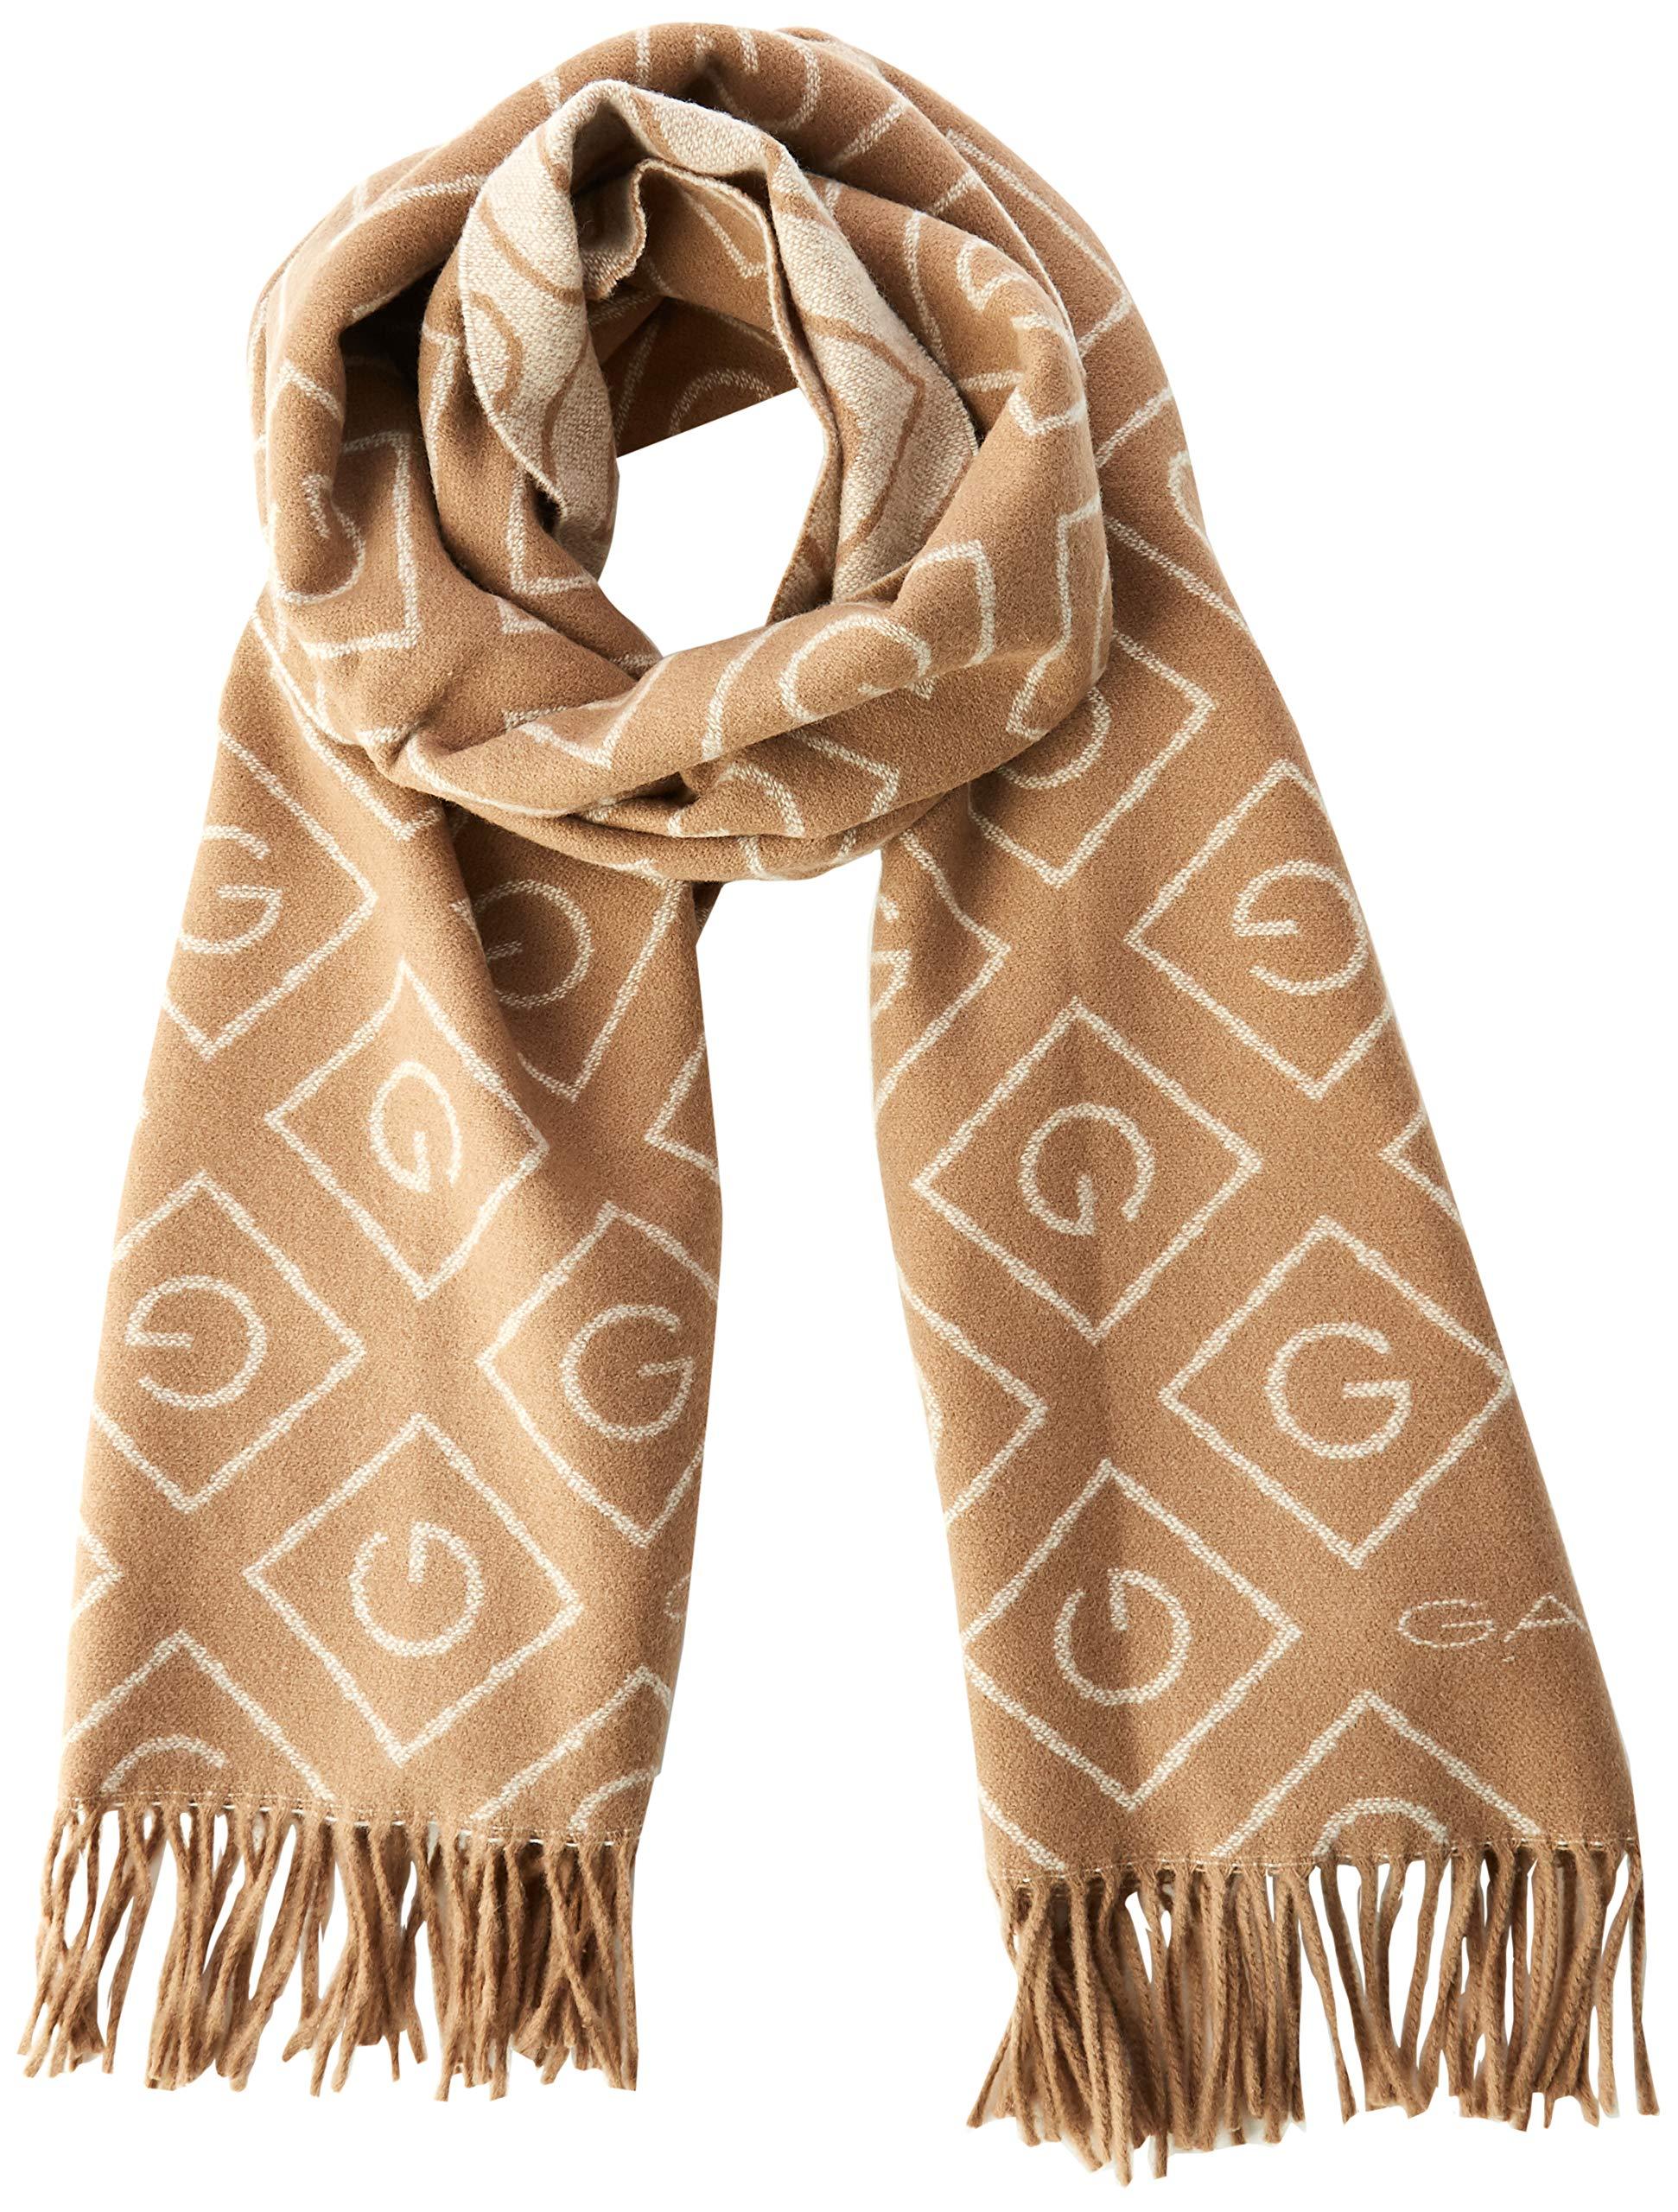 FabricantOversizeFemme Khaki 213Uniquetaille D1G Wool Gant Scarf EcharpeBeigewarm hsQxBoCtrd